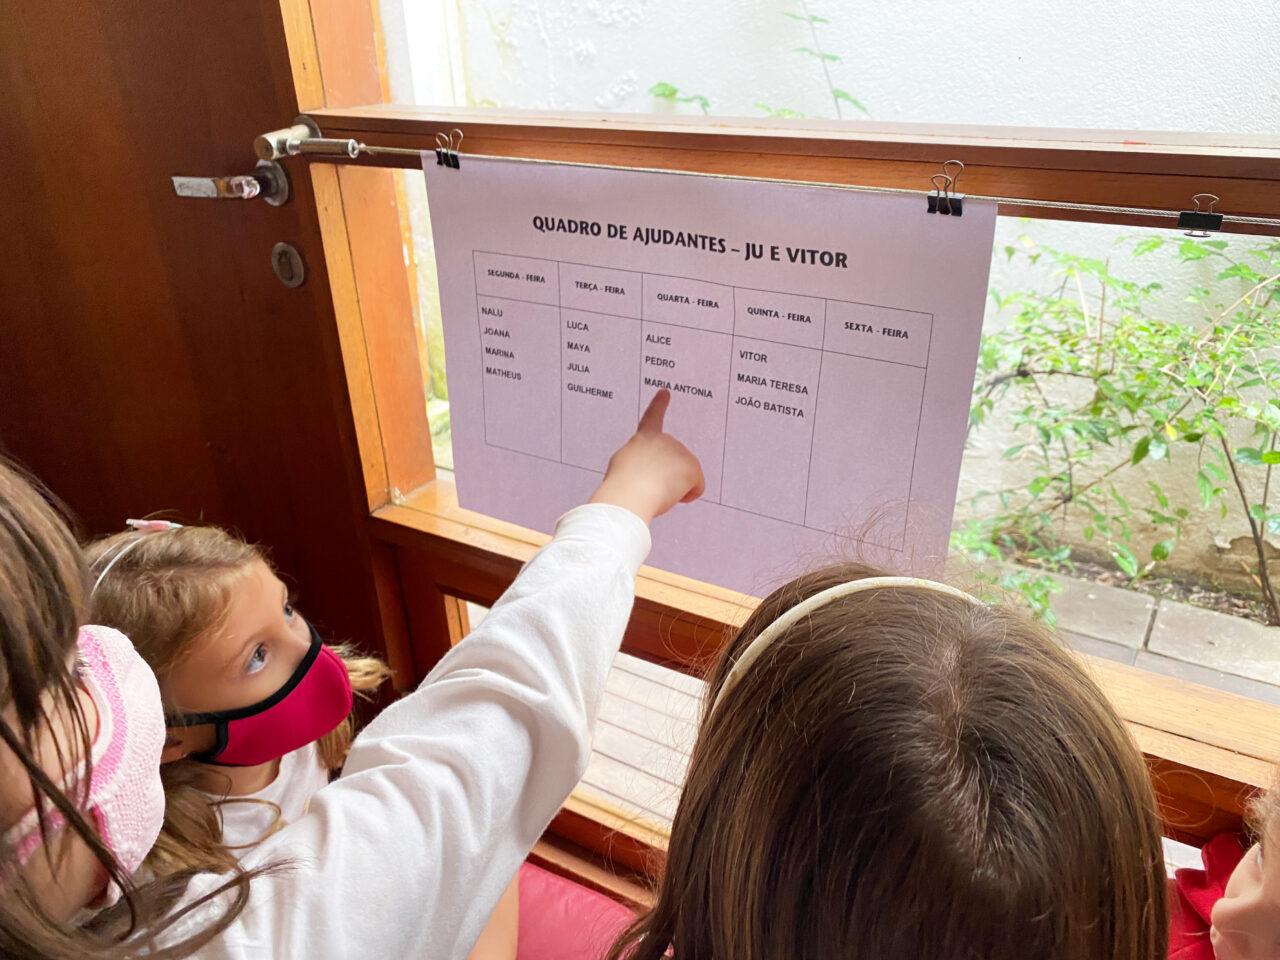 Crianças em processo de alfabetização olhando para quadro de ajudantes em sala de aula<br />